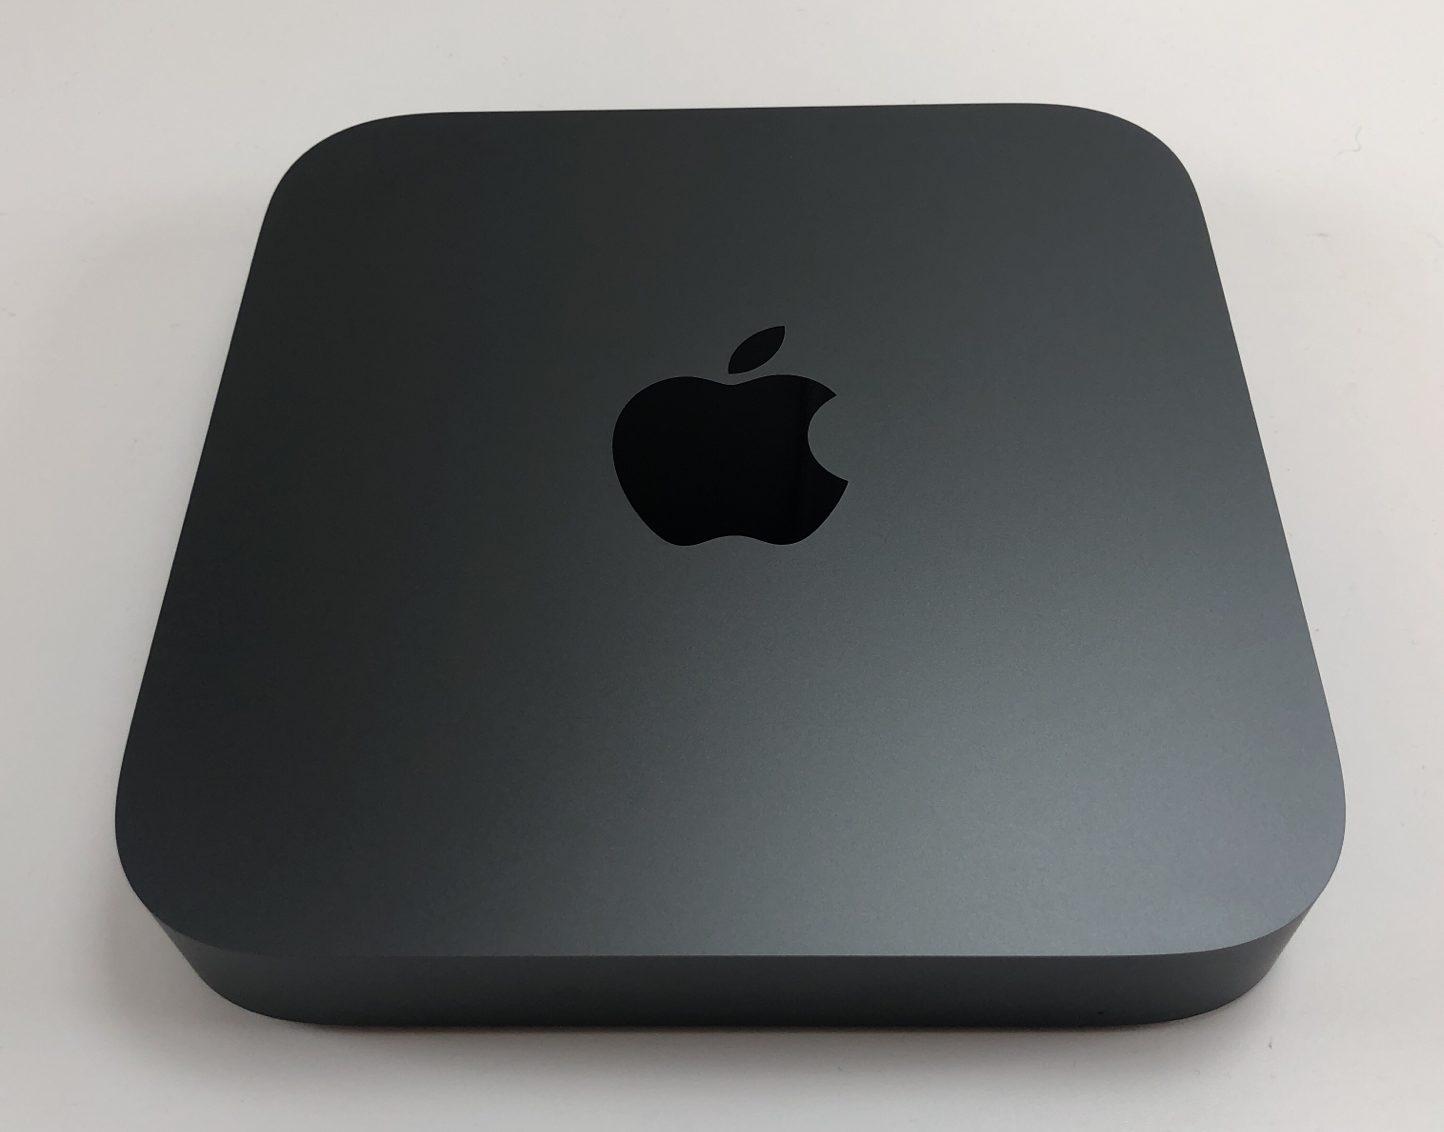 Mac Mini Late 2018 (Intel 6-Core i7 3.2 GHz 32 GB RAM 512 GB SSD), Intel 6-Core i7 3.2 GHz, 32 GB RAM, 512 GB SSD, bild 1